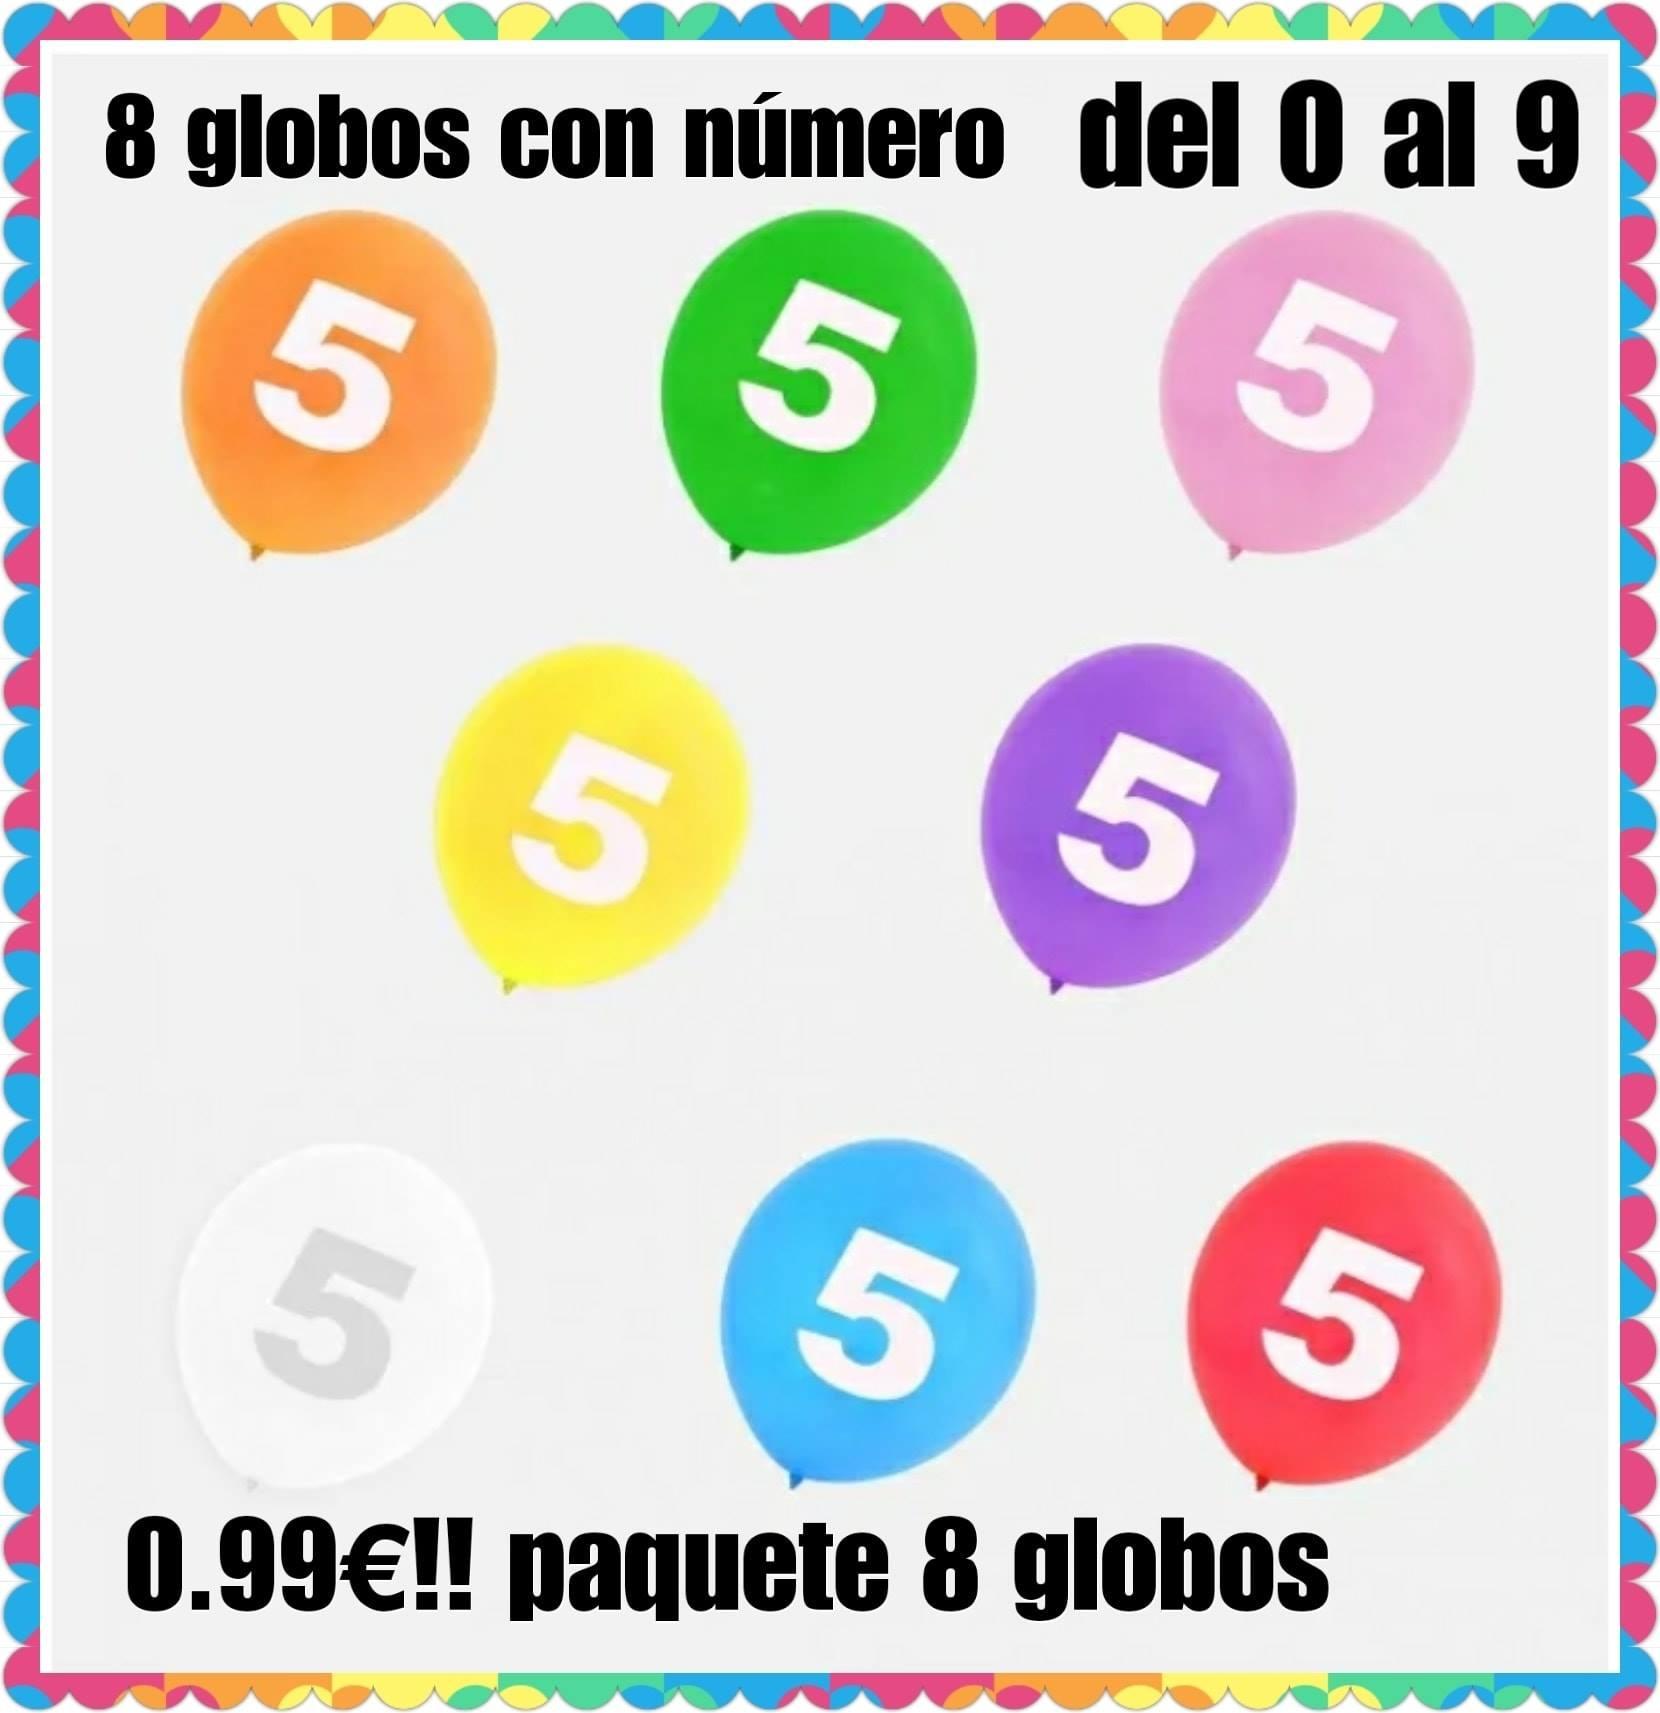 8 globos con numero